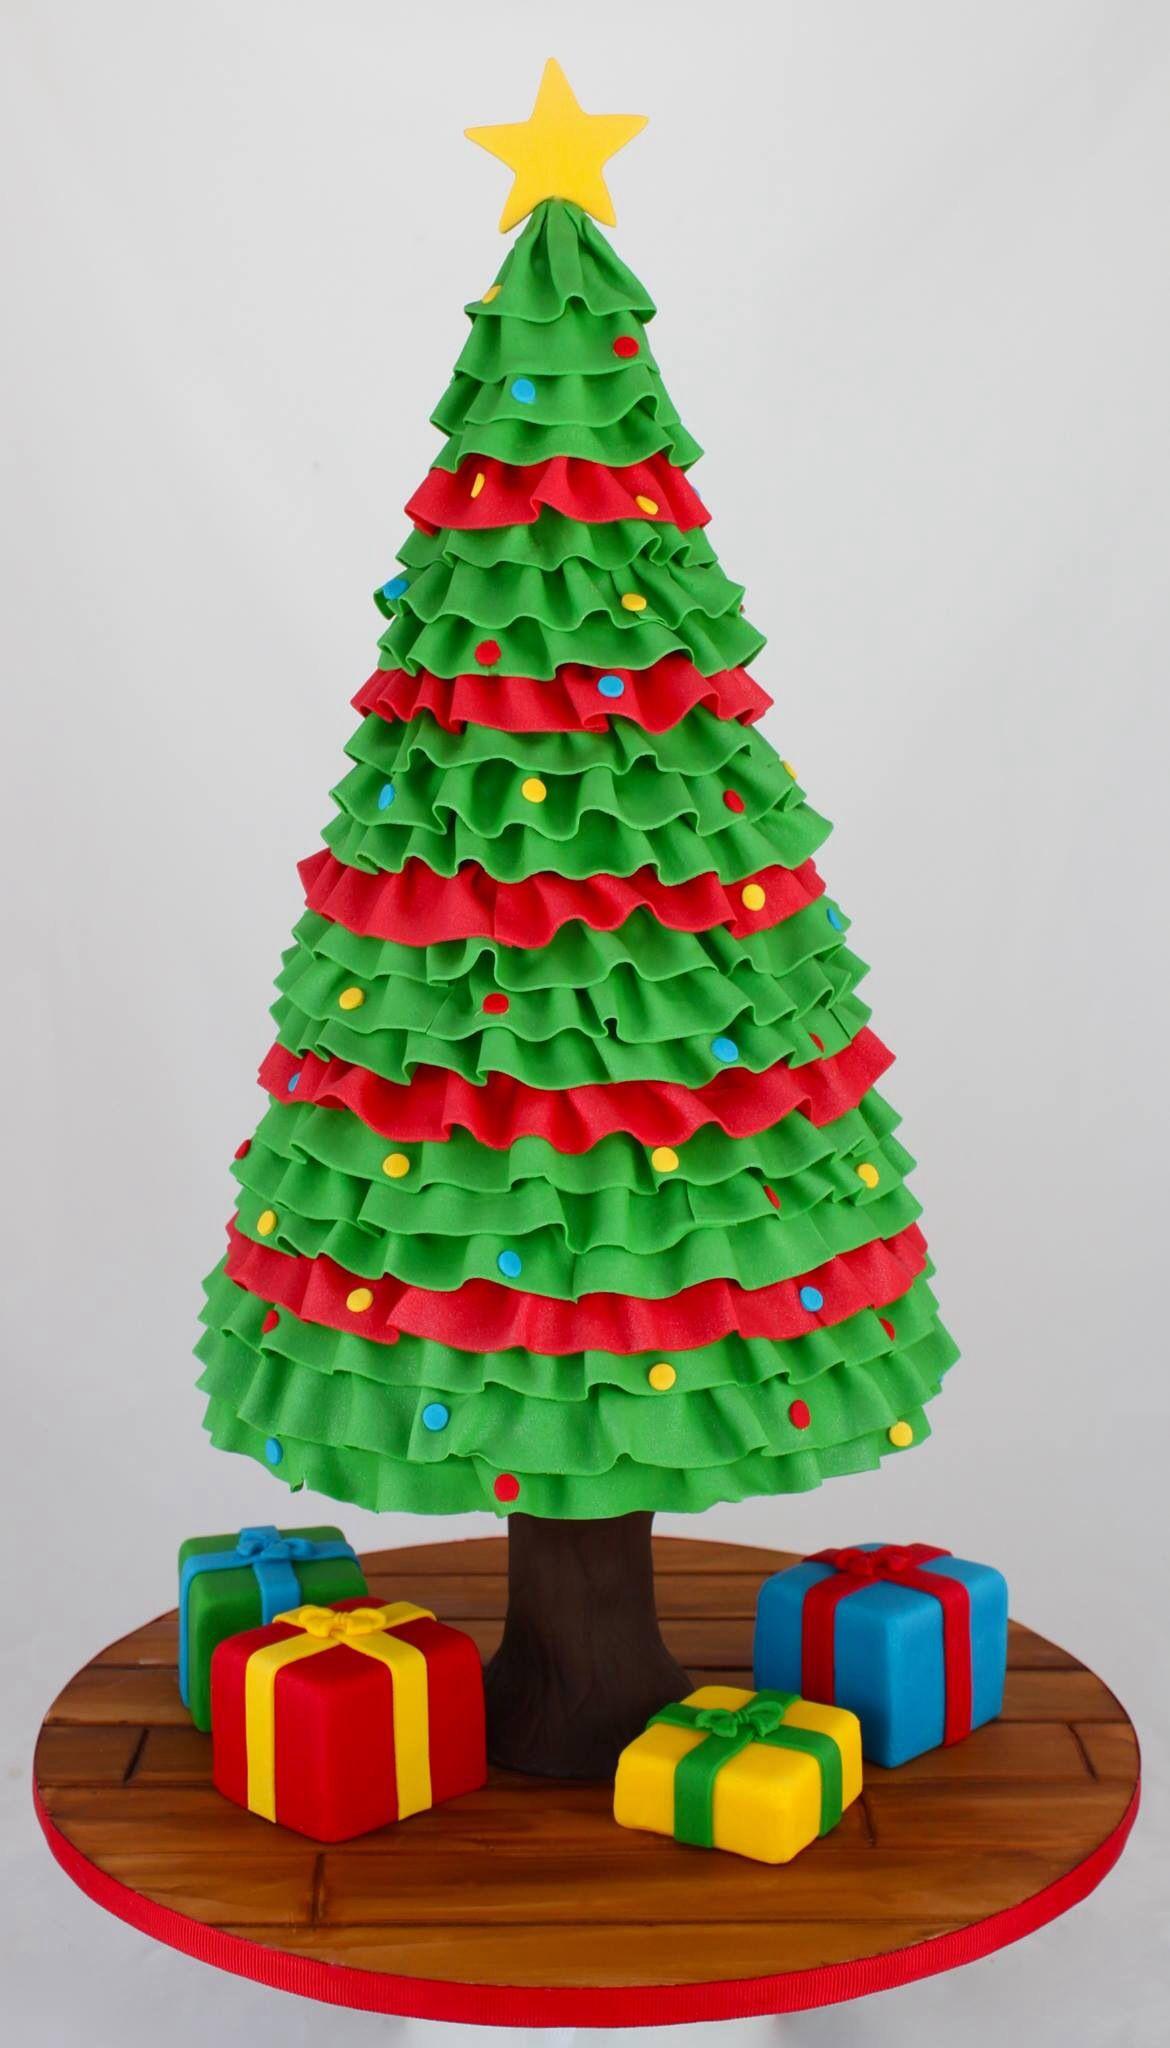 Amazing Christmas Tree Cake Modelage Pinterest